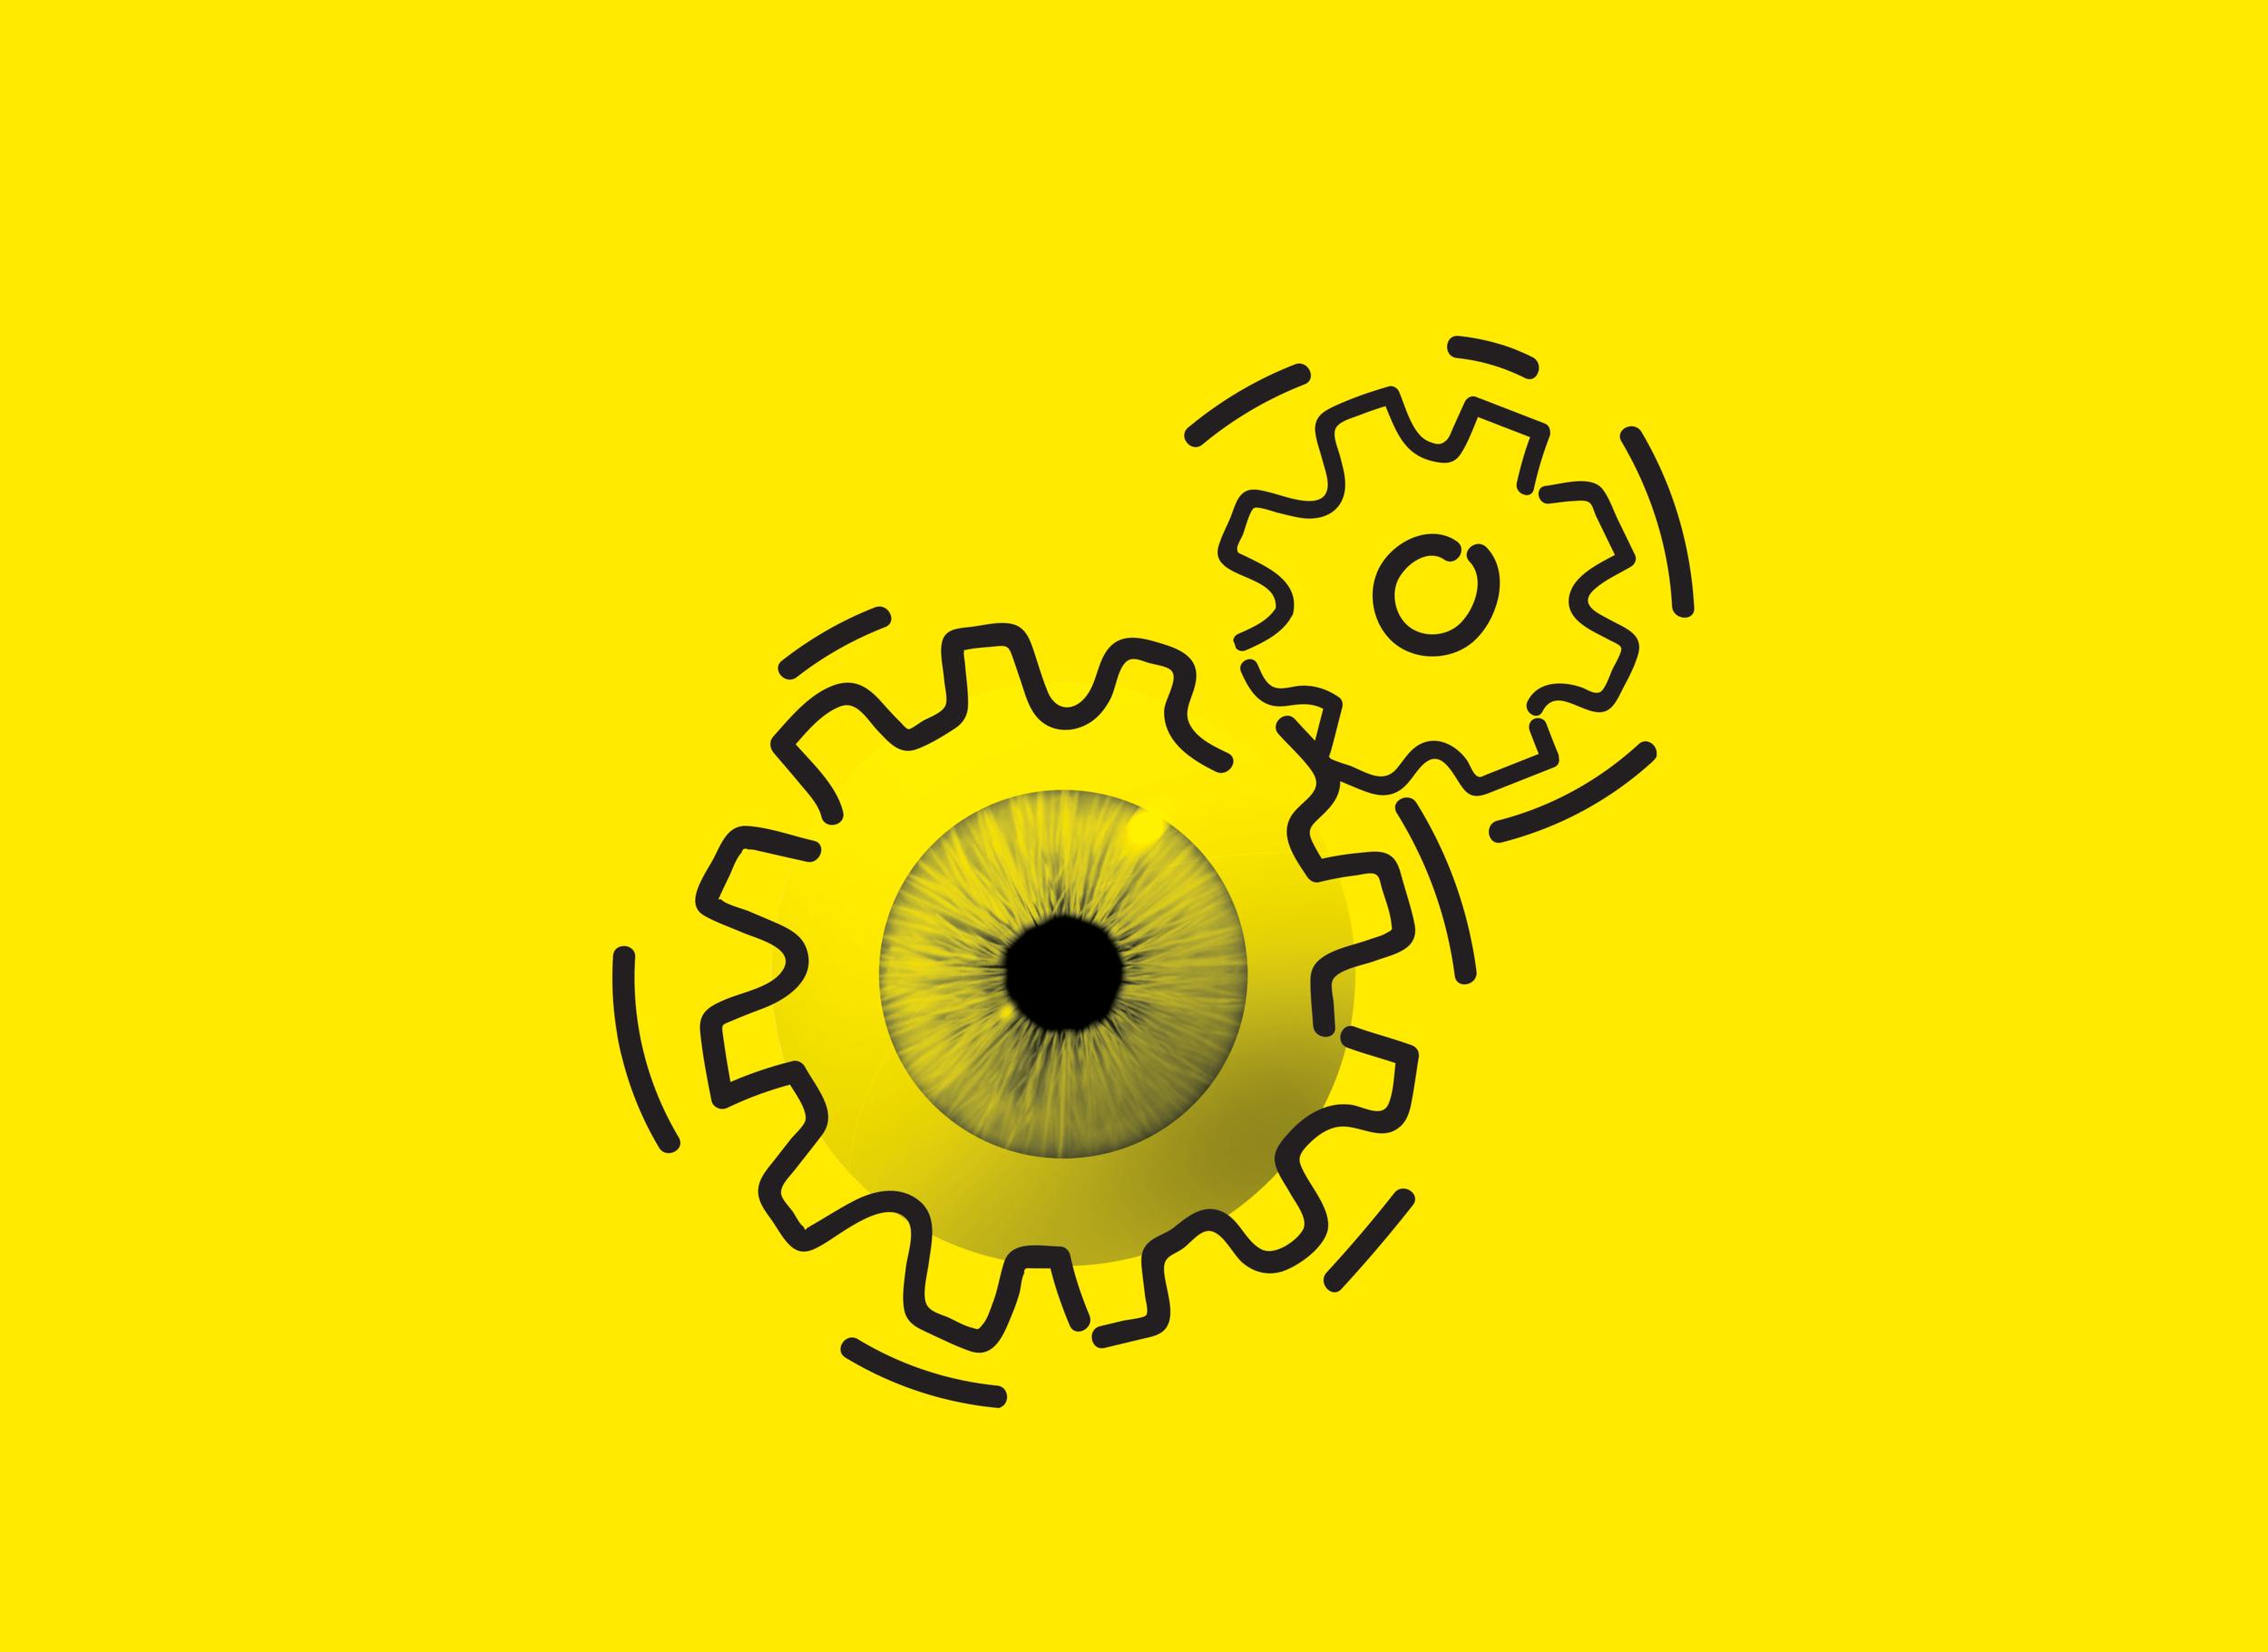 eyestatic